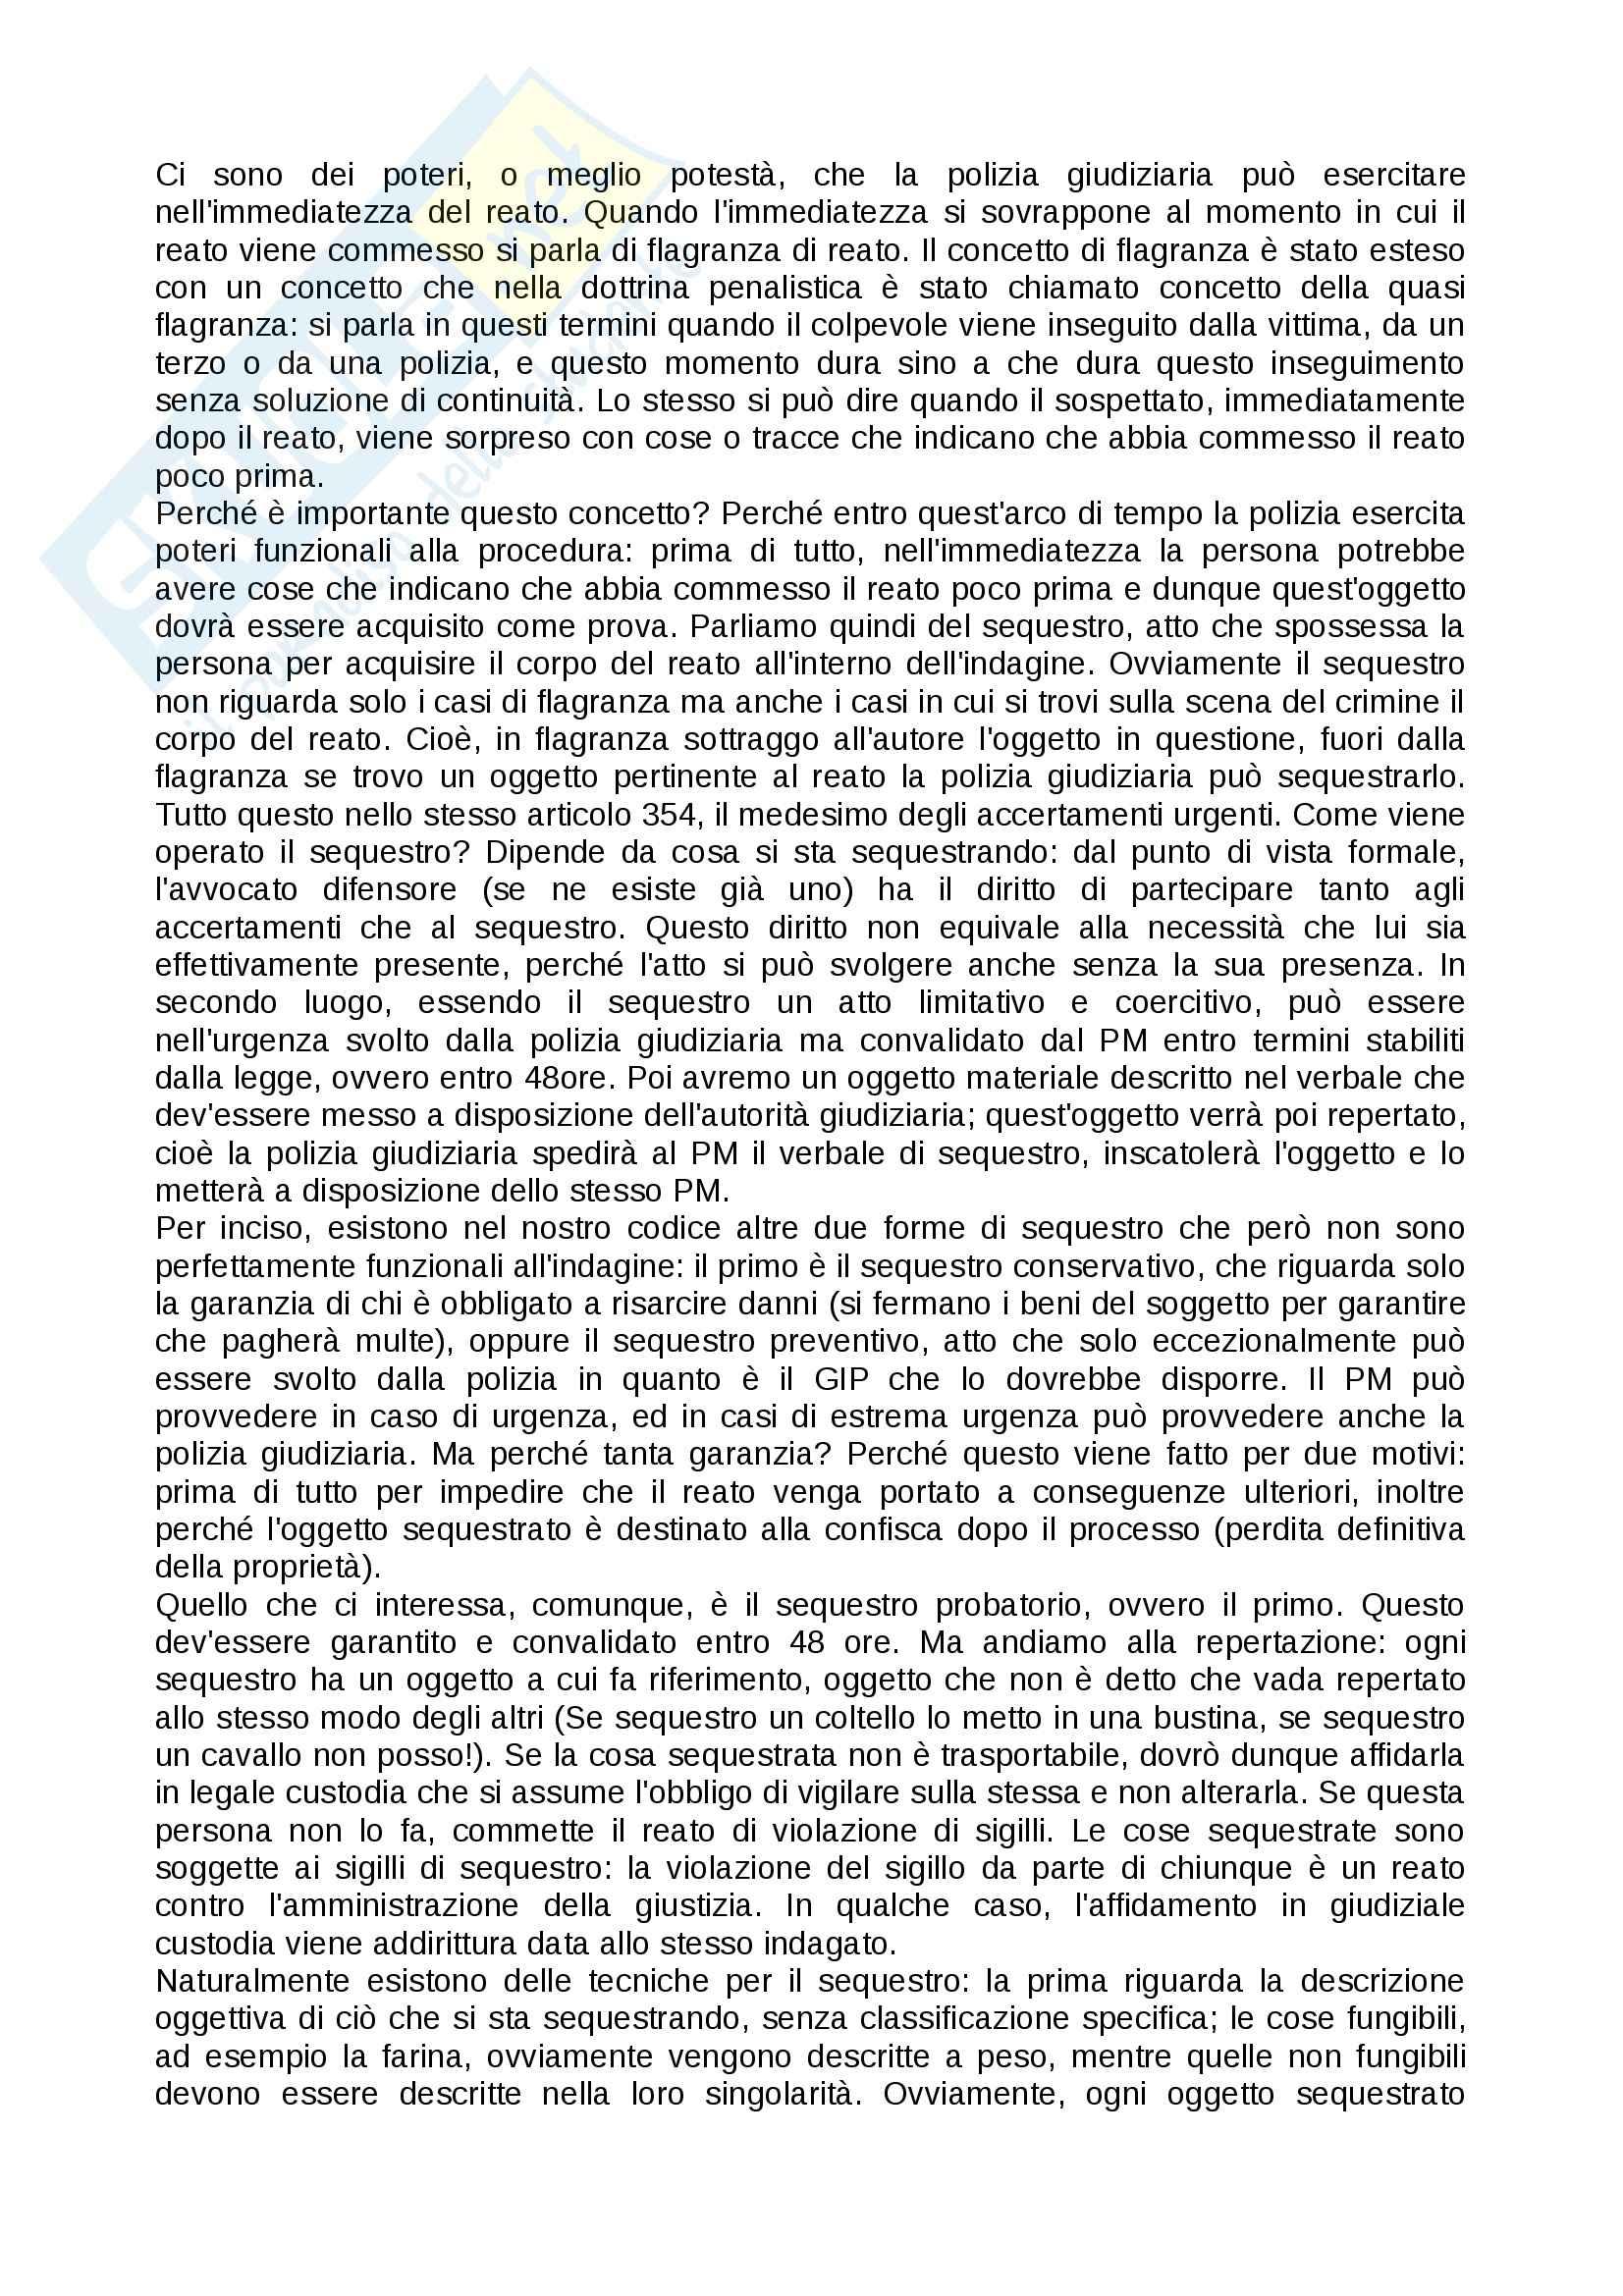 Tecniche investigative applicate - Appunti Pag. 21